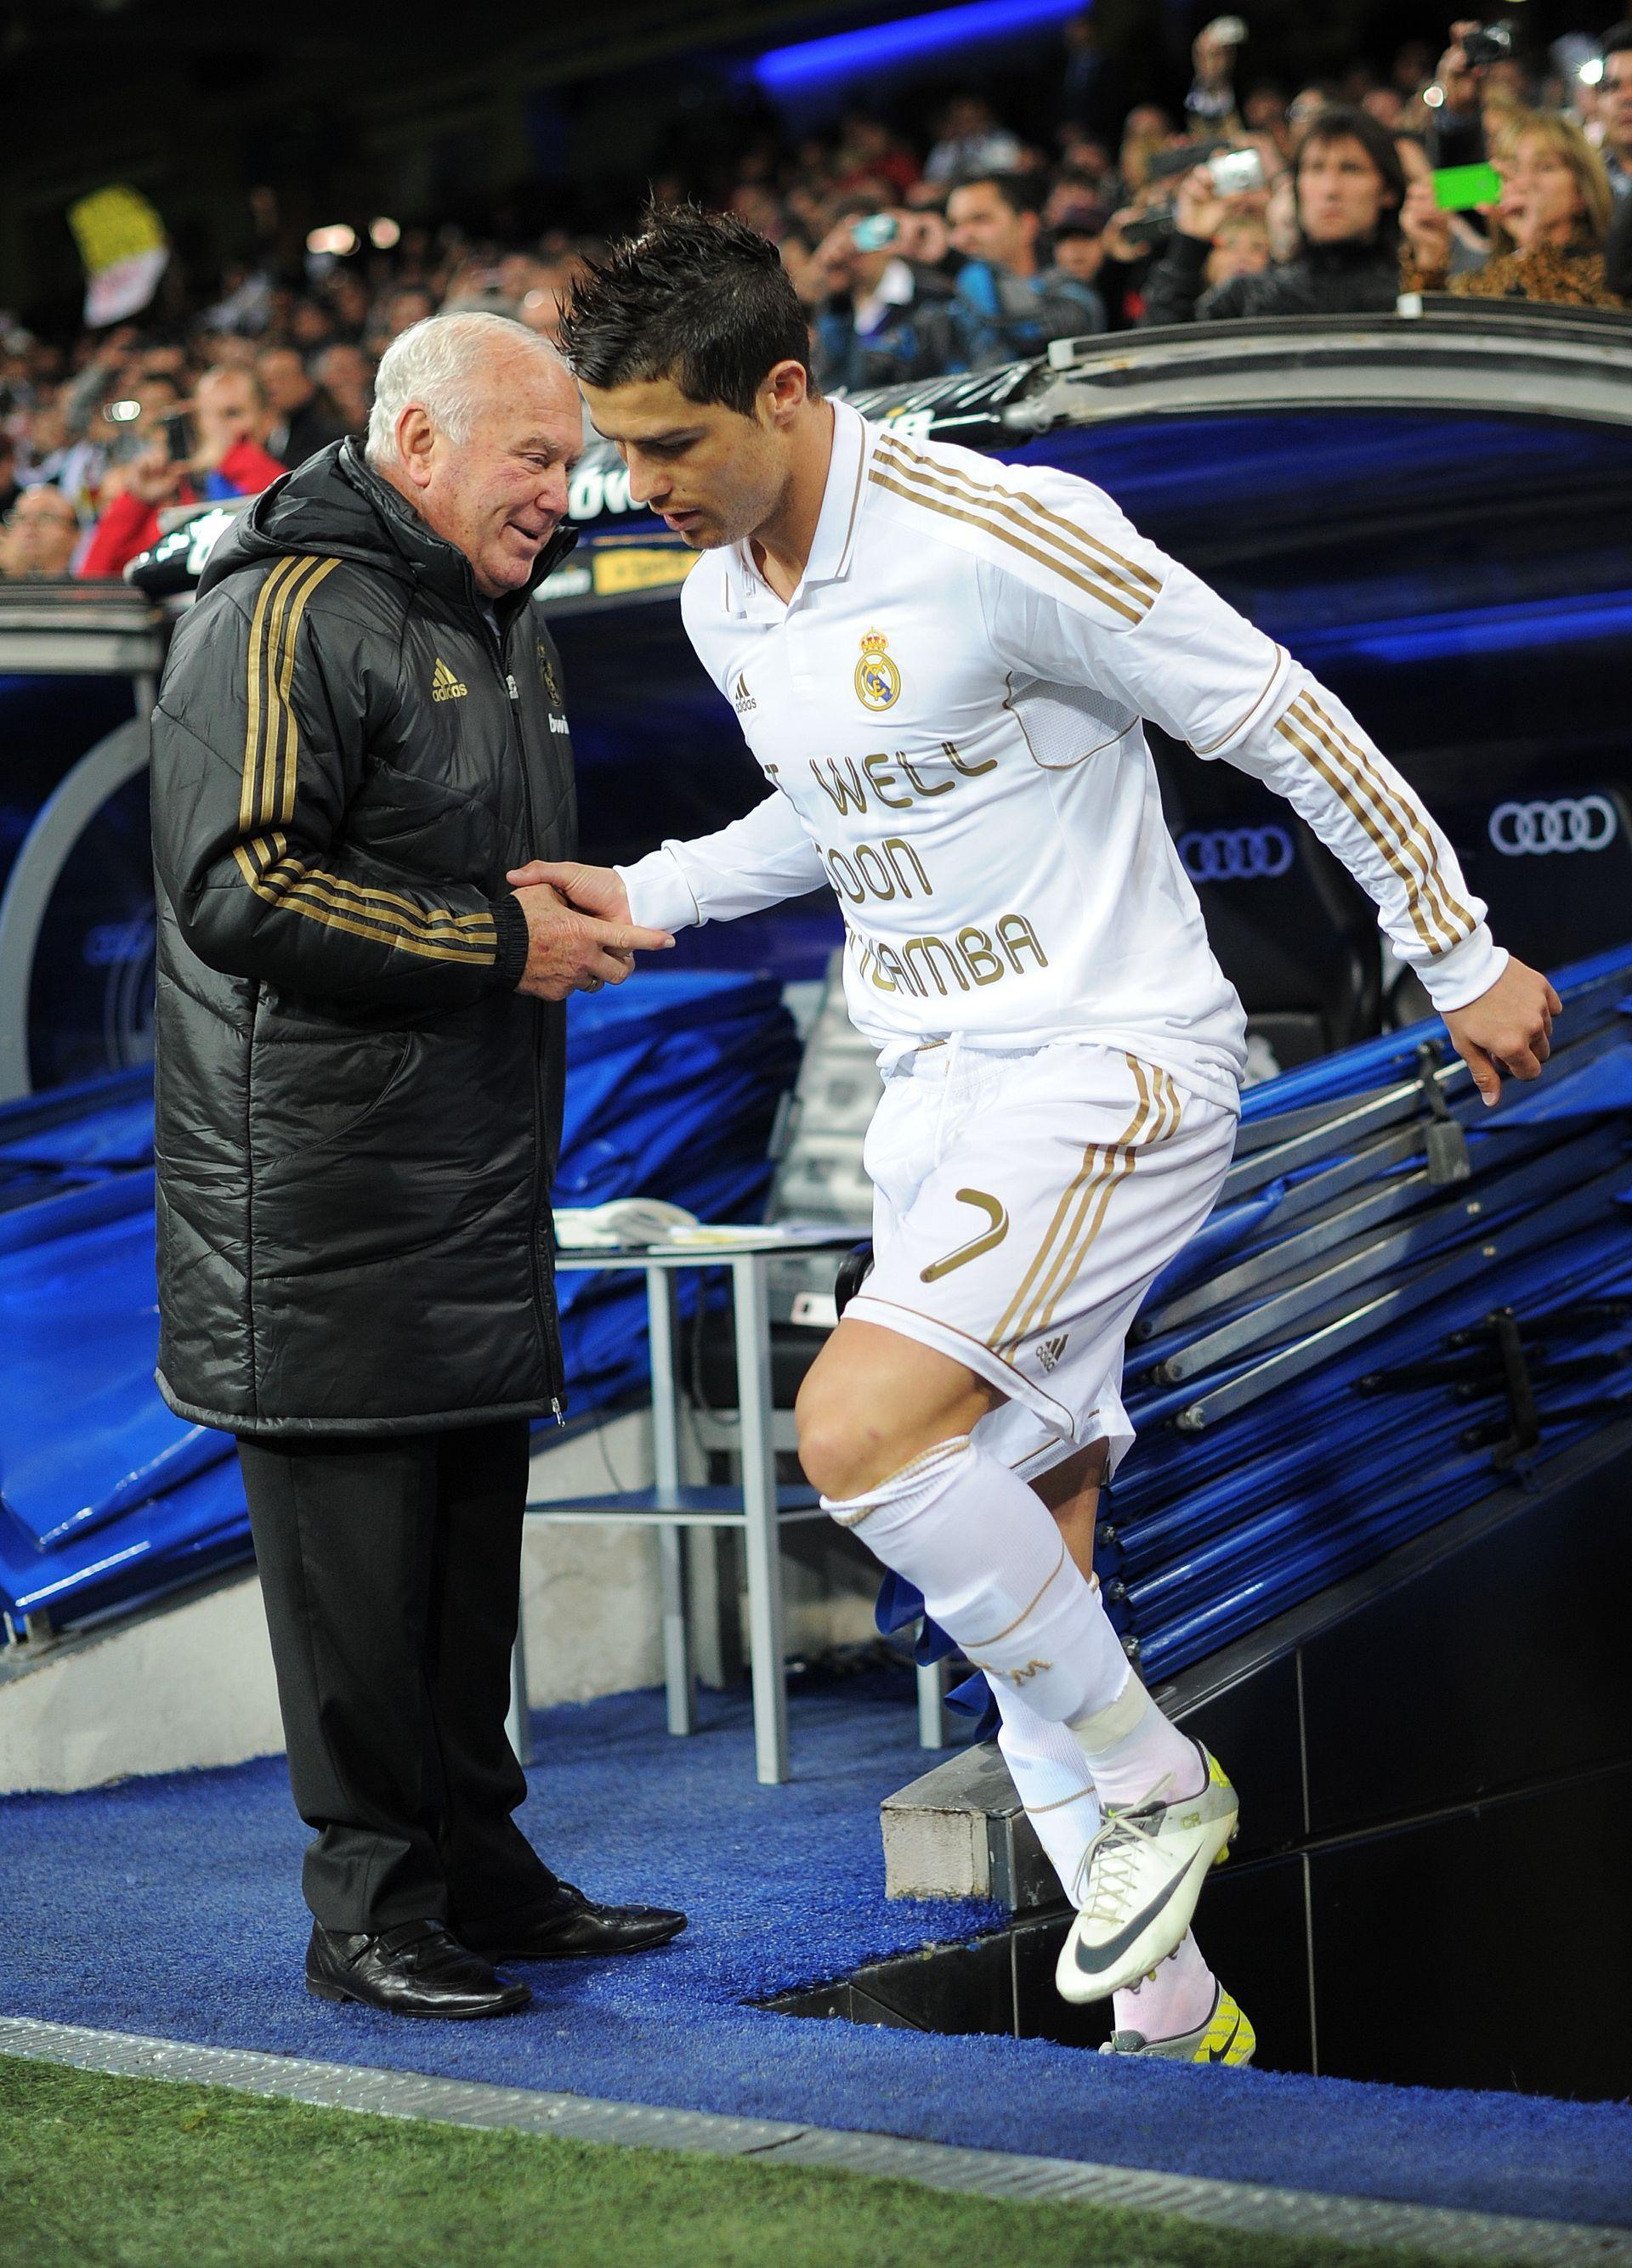 Кристиано Роналдо излезе в подкрепа на Муамба часове след инцидента в мача на неговия Реал